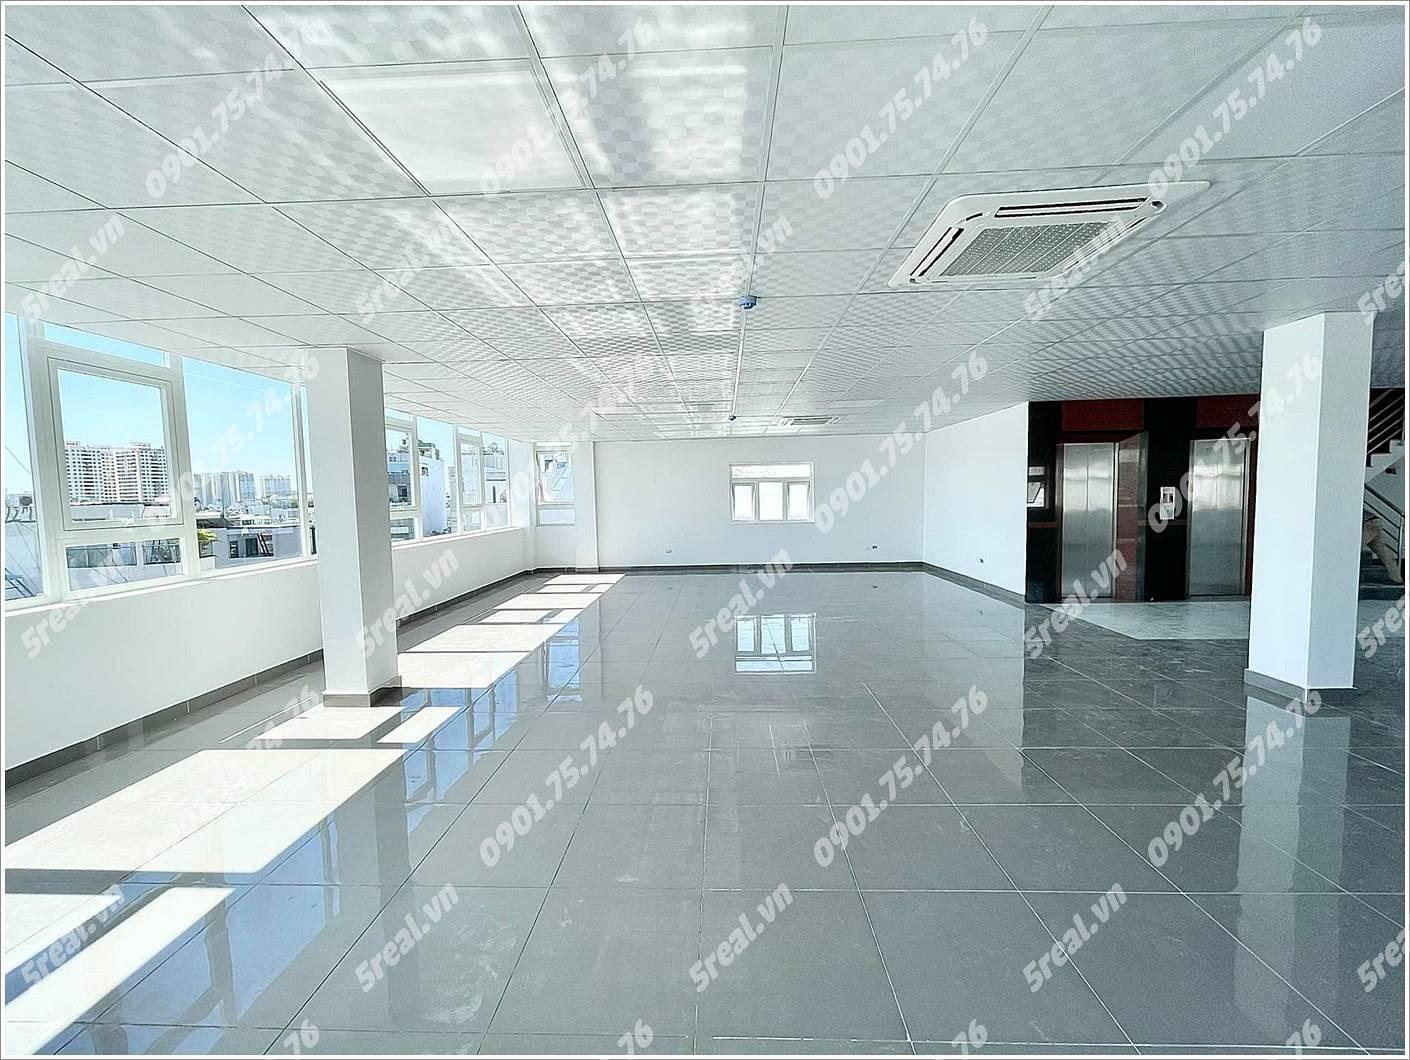 tsa-building-nguyen-dinh-chinh-quan-phu-nhuan-van-phong-cho-thue-tphcm-5real.vn-02